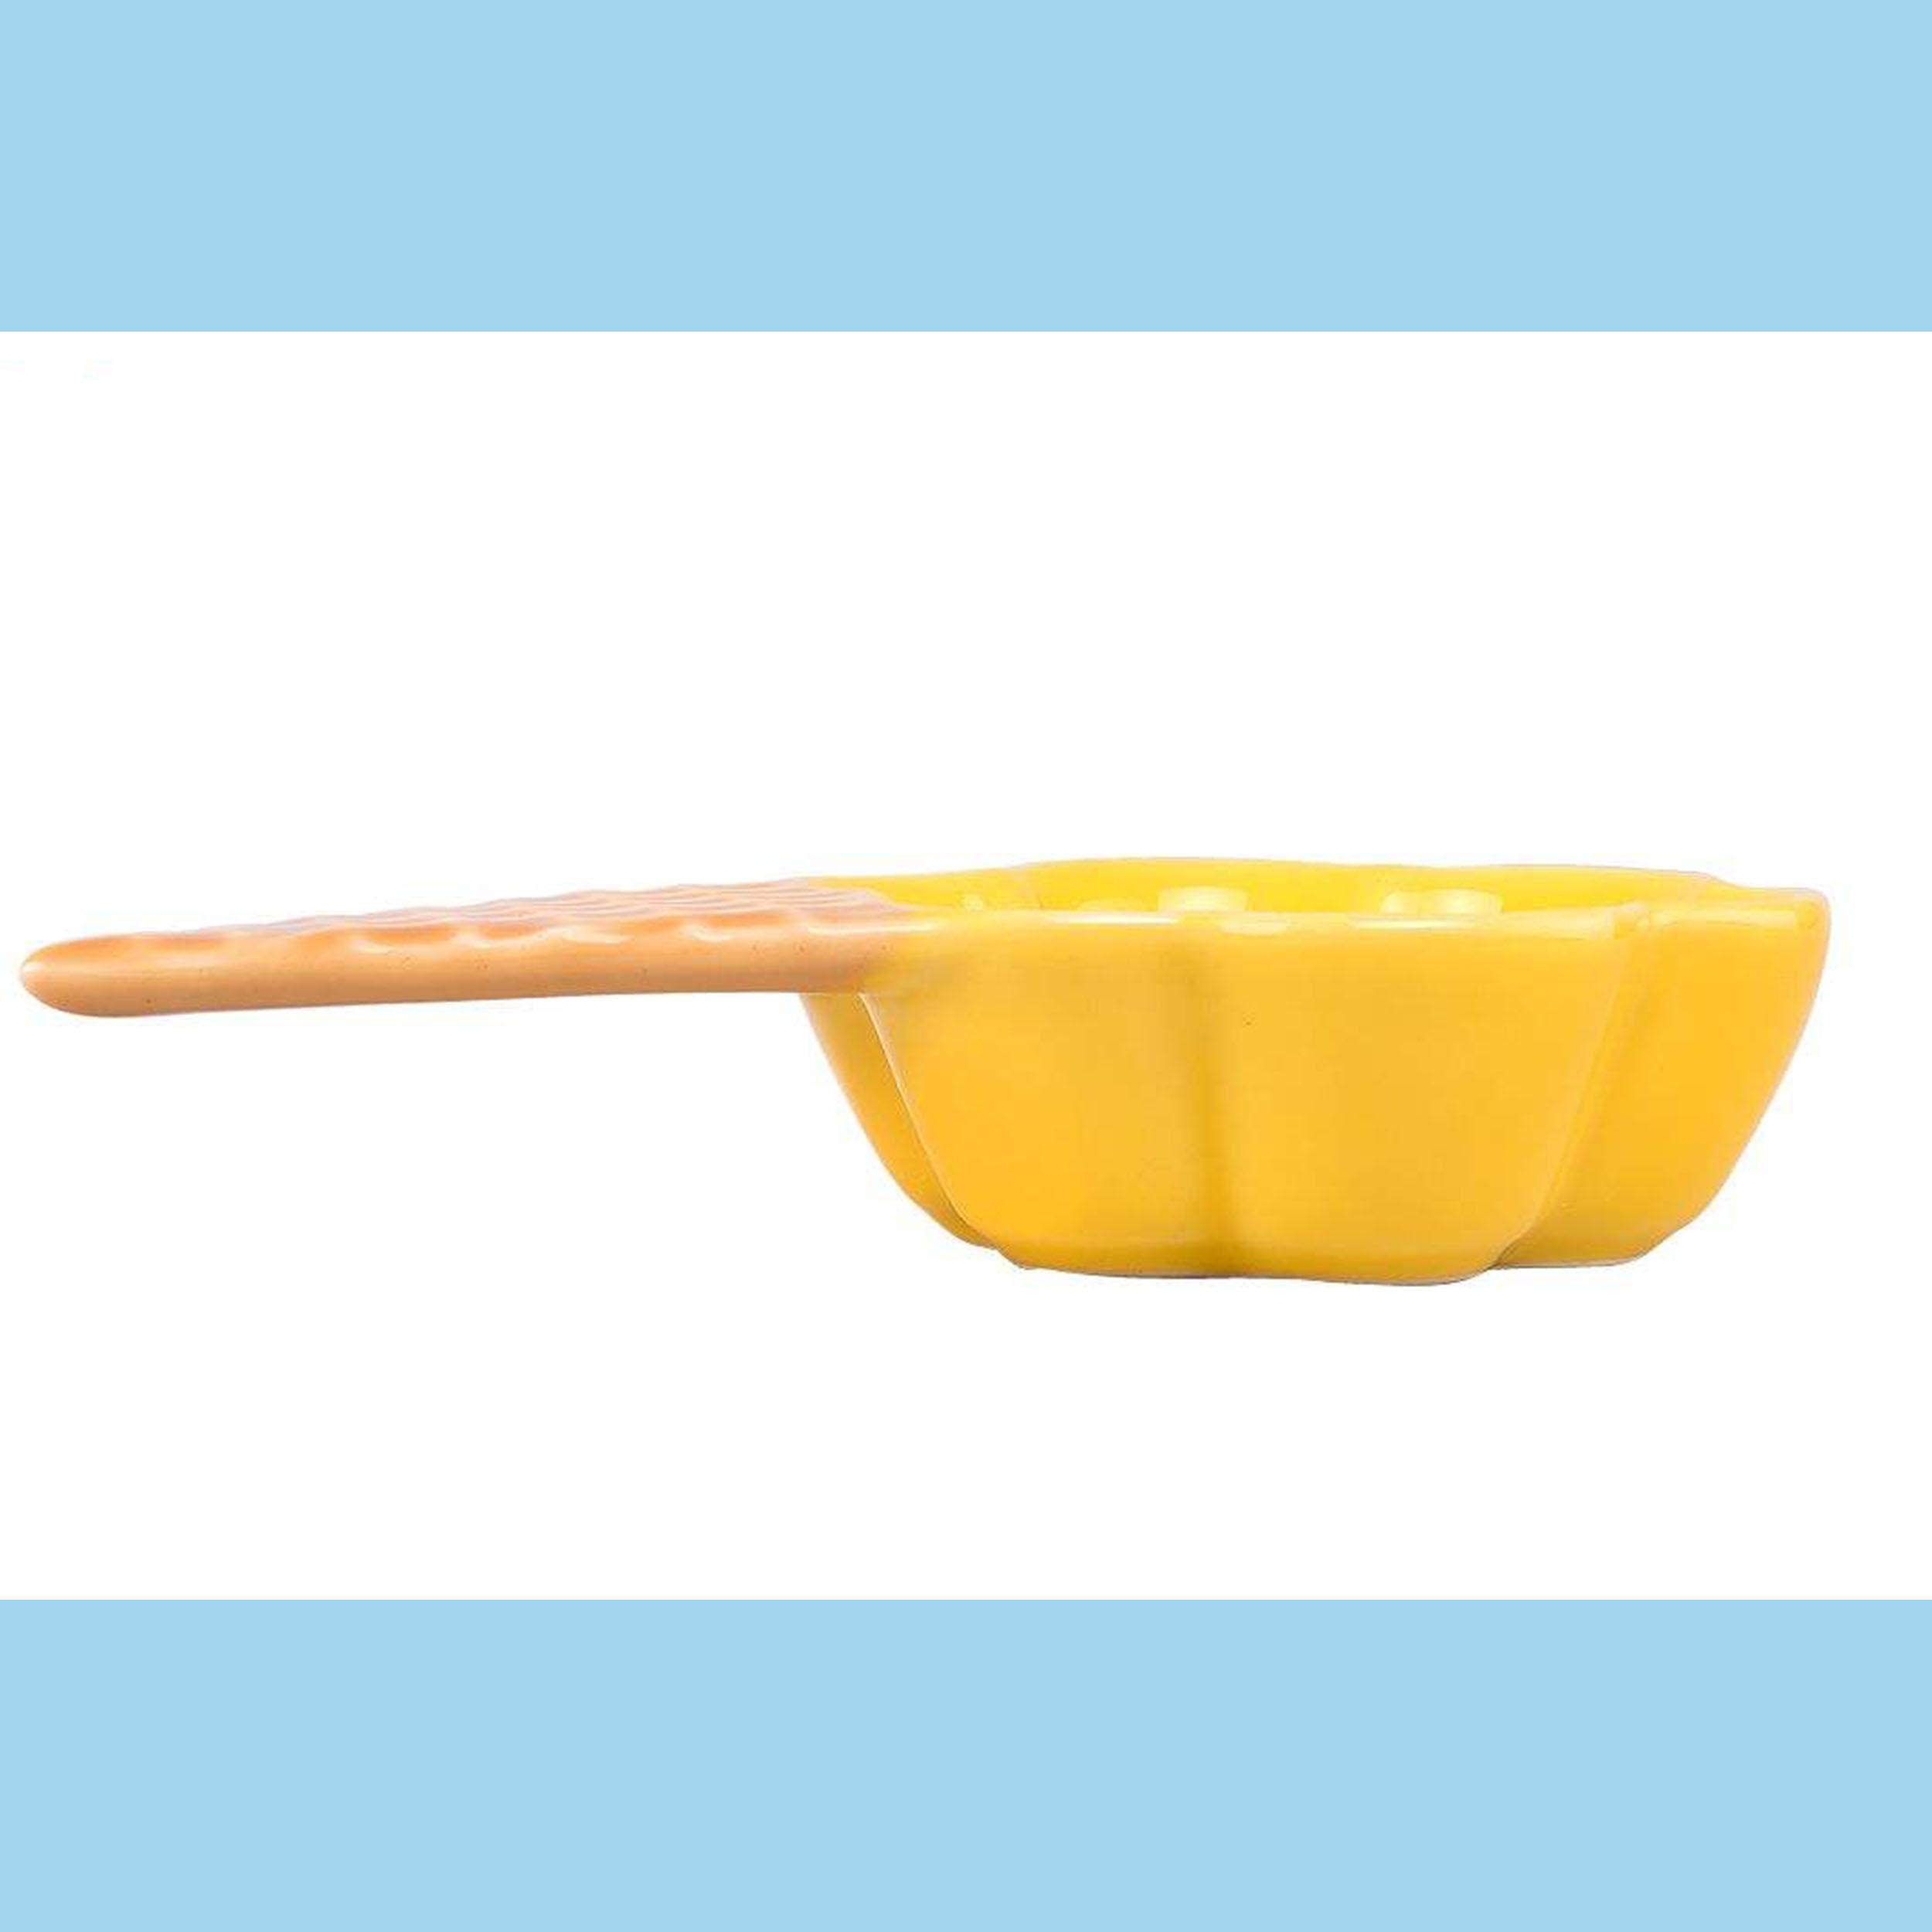 بستنی خوری کد 113 مجموعه 6 عددی main 1 4